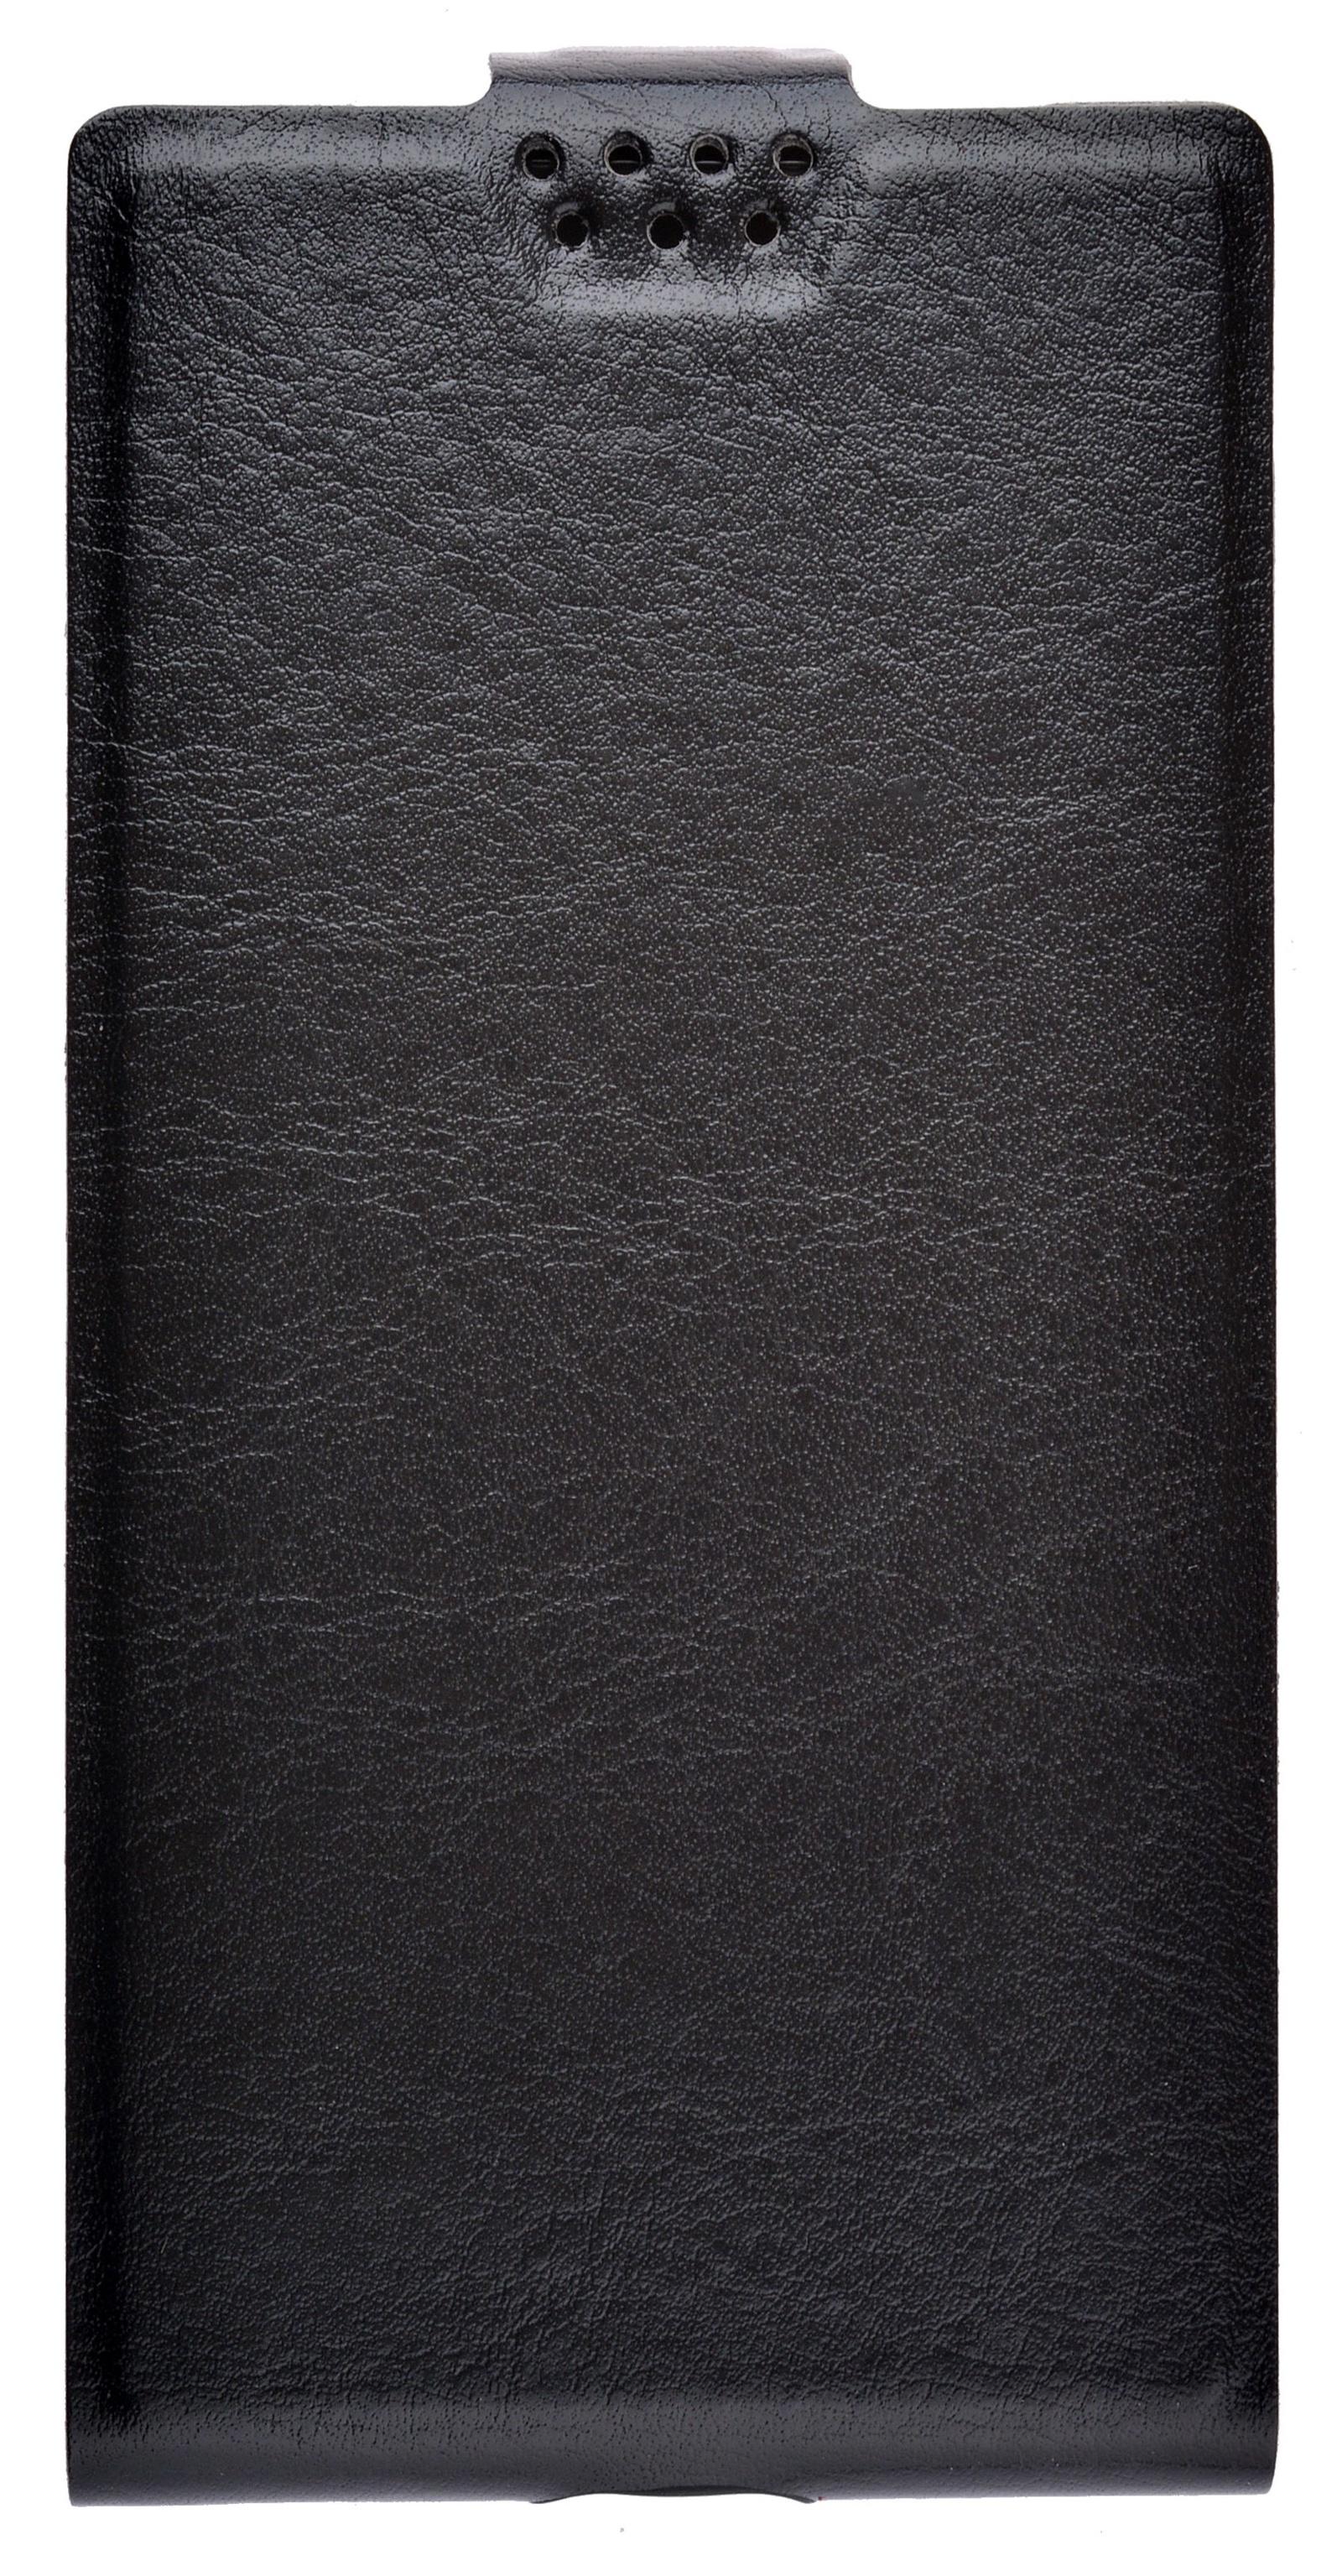 Чехол для сотового телефона skinBOX Flip slim, 4630042529106, черный skinbox flip slim чехол для alcatel 4024d pixi black